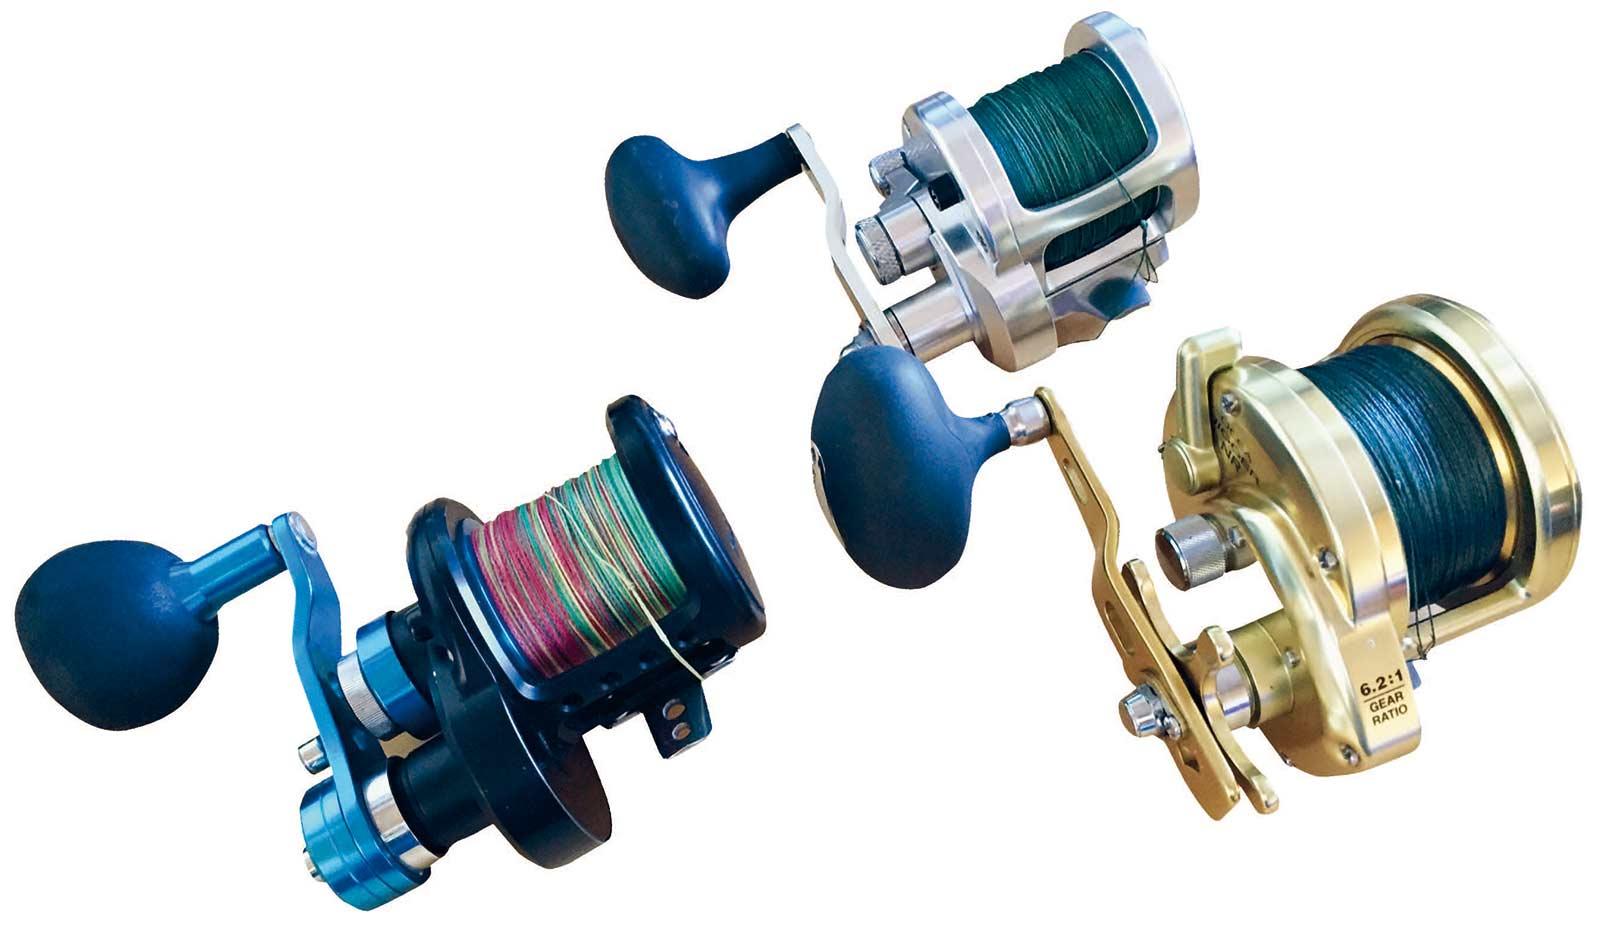 Tre råstærke havhjul i cirka samme størrelse fra Daiwa, Avet og Shimano. Hjulene er som jeg foretrækker dem uden linefører. Om hjulet skal have stjernebremse som Shimanoen nederst til højre eller lever-drag som de to andre er et spørgsmål om temperament.